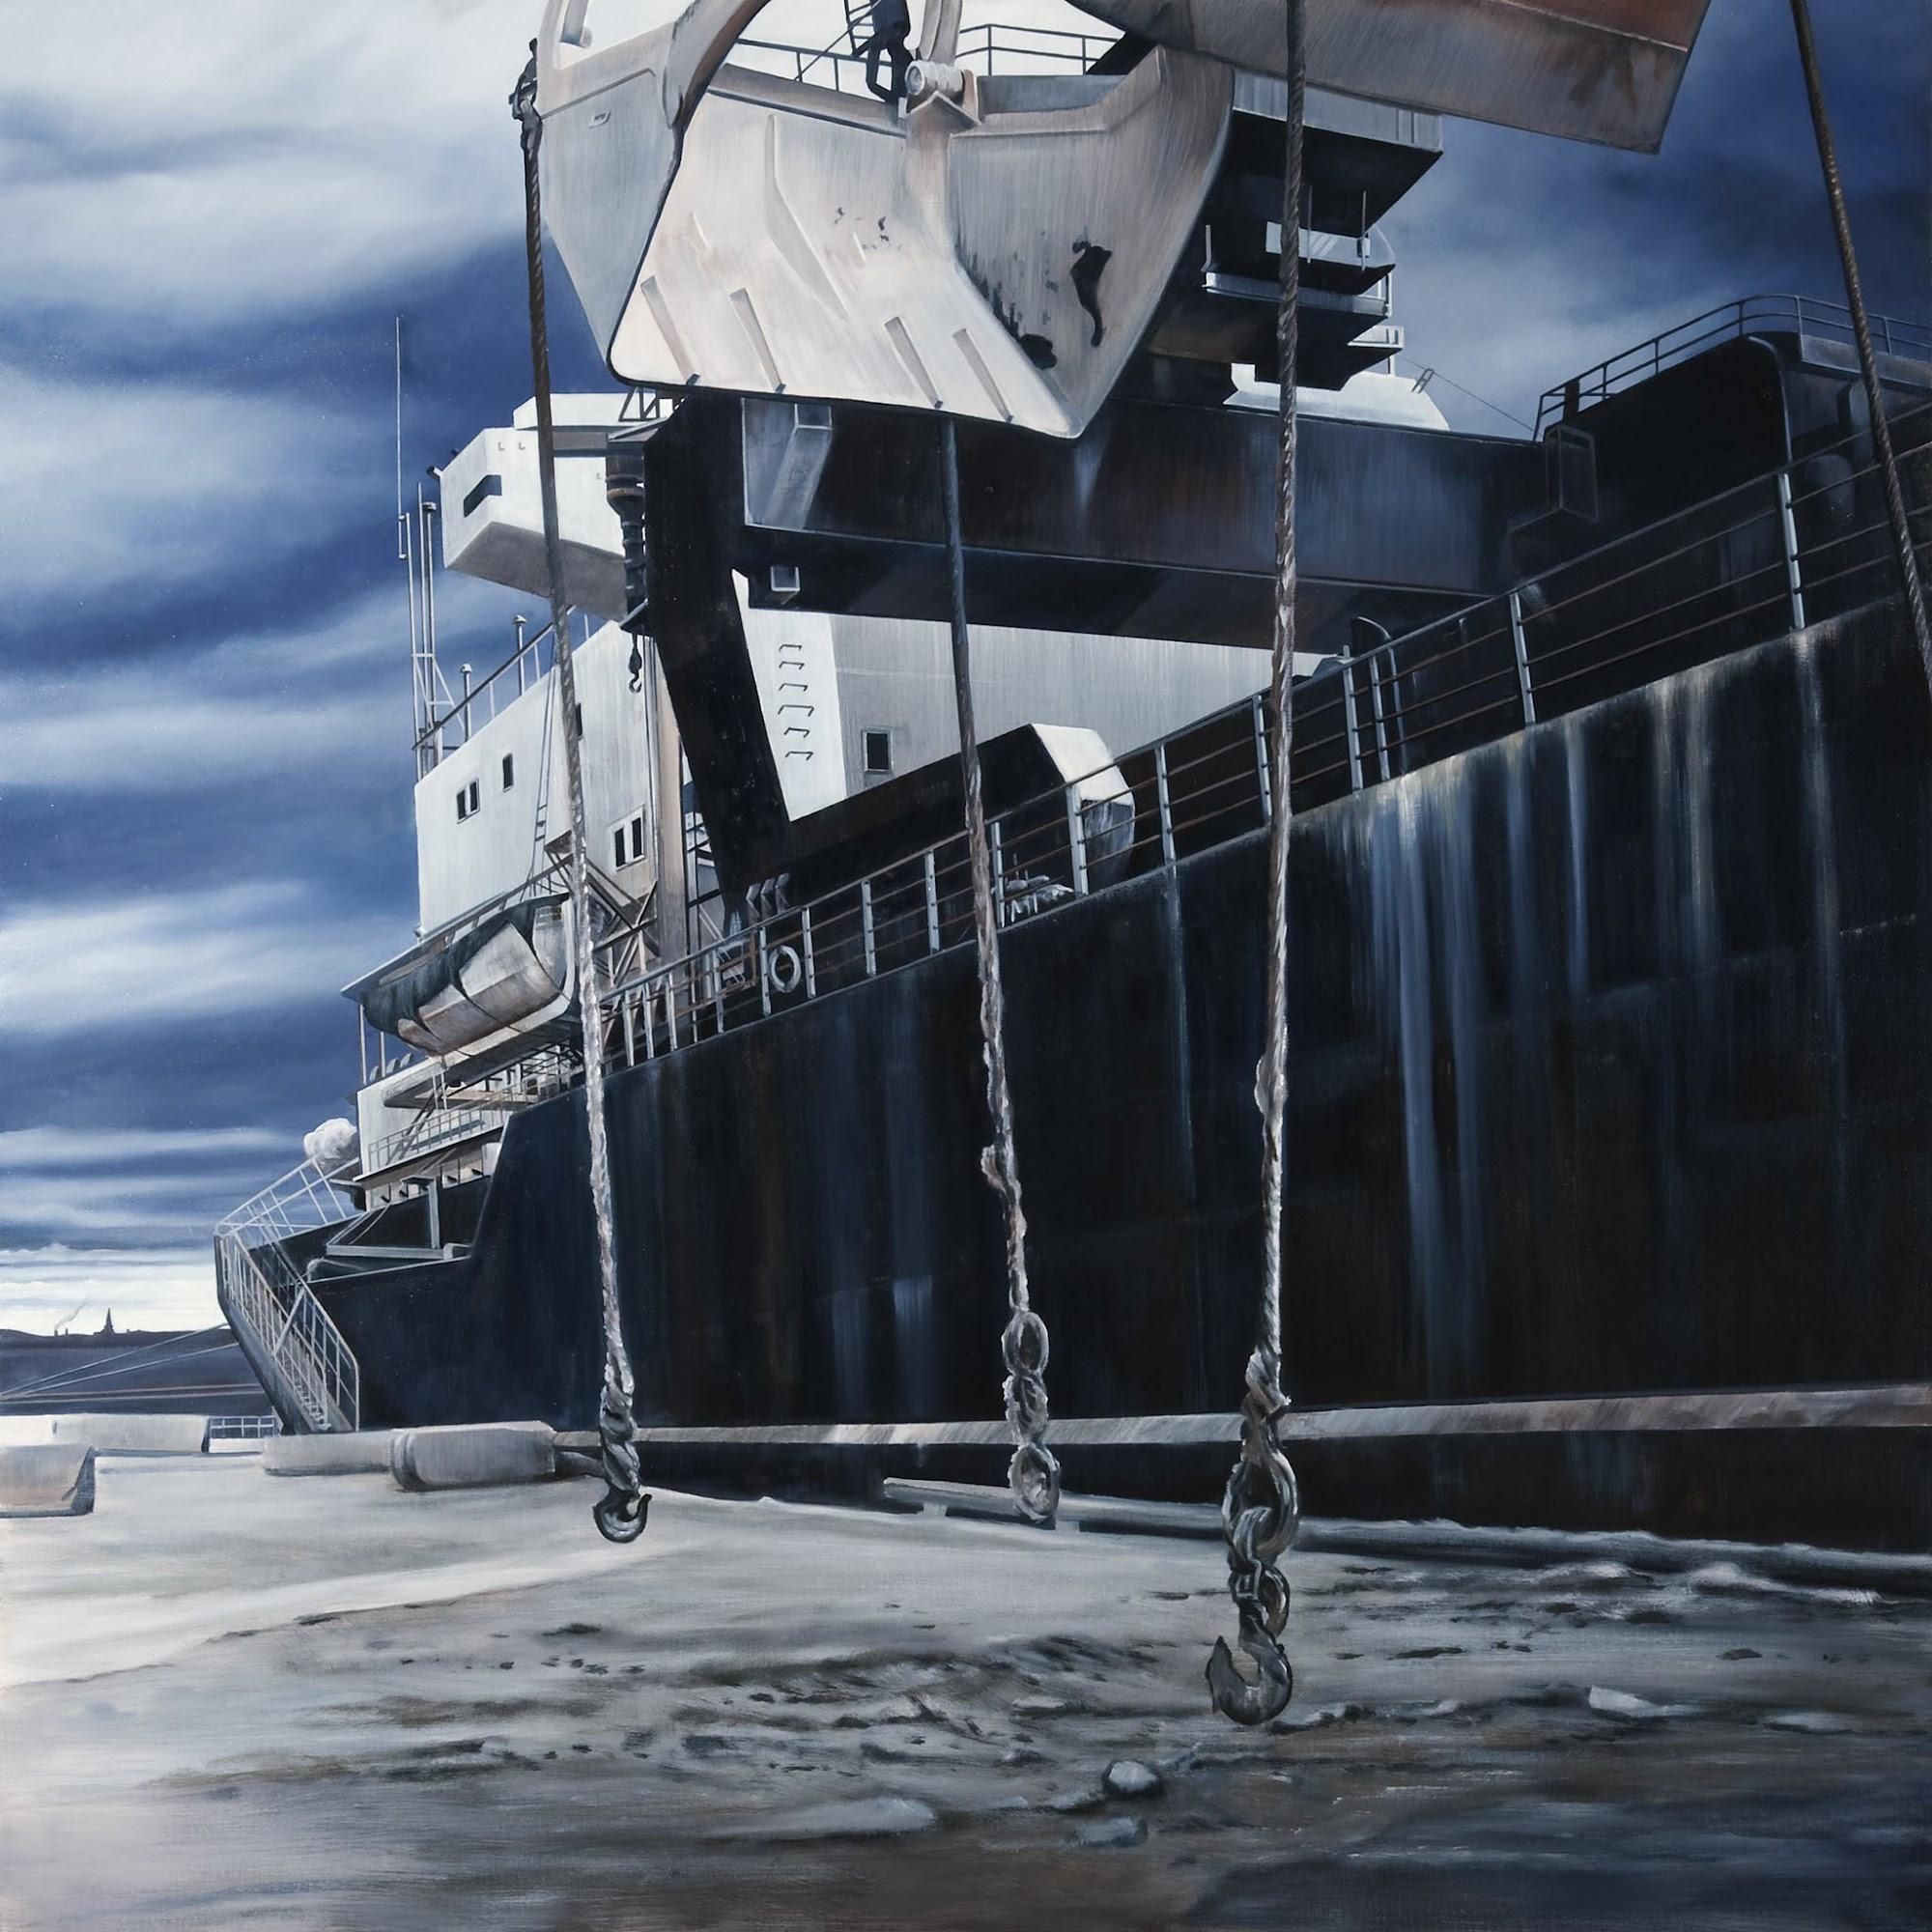 Einsam im Hafen der Sehnsucht   2009   Oel auf Leinwand   170 x 170 cm